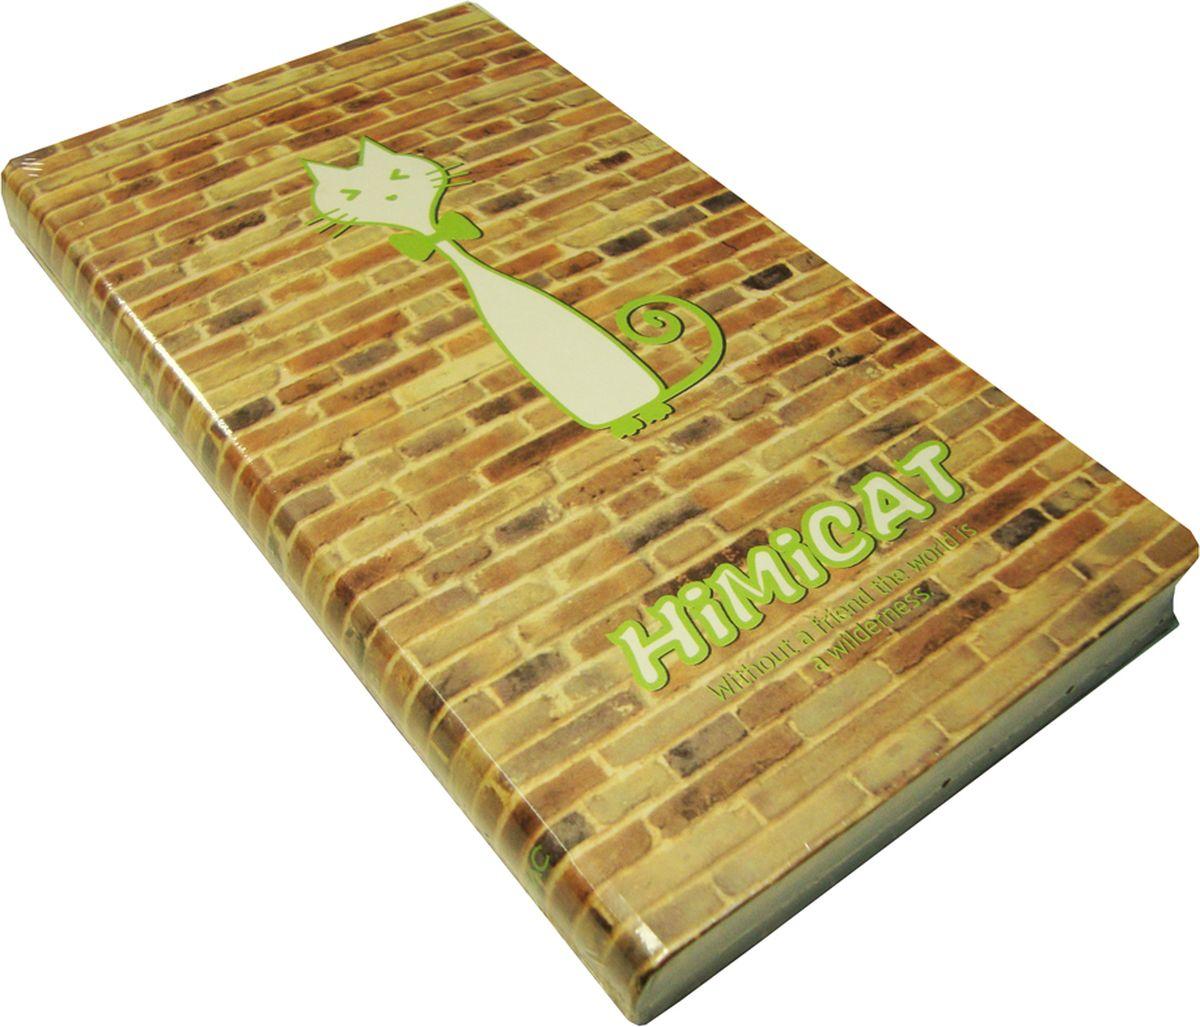 Карамба Блокнот Рисованная зеленая кошка на кирпичной стене 96 листов в линейку730396Блокнот Карамба Рисованная зеленая кошка на кирпичной стене - незаменимый атрибут современного человека, необходимый для рабочих и повседневных записей в офисе и дома. Блокнот содержит 96 листов в линейку.Блокнот станет достойным аксессуаром среди ваших канцелярских принадлежностей. Такой блокнот пригодится как для деловых людей, так и для любителей записывать свои мысли, писать мемуары или делать наброски новых стихотворений.